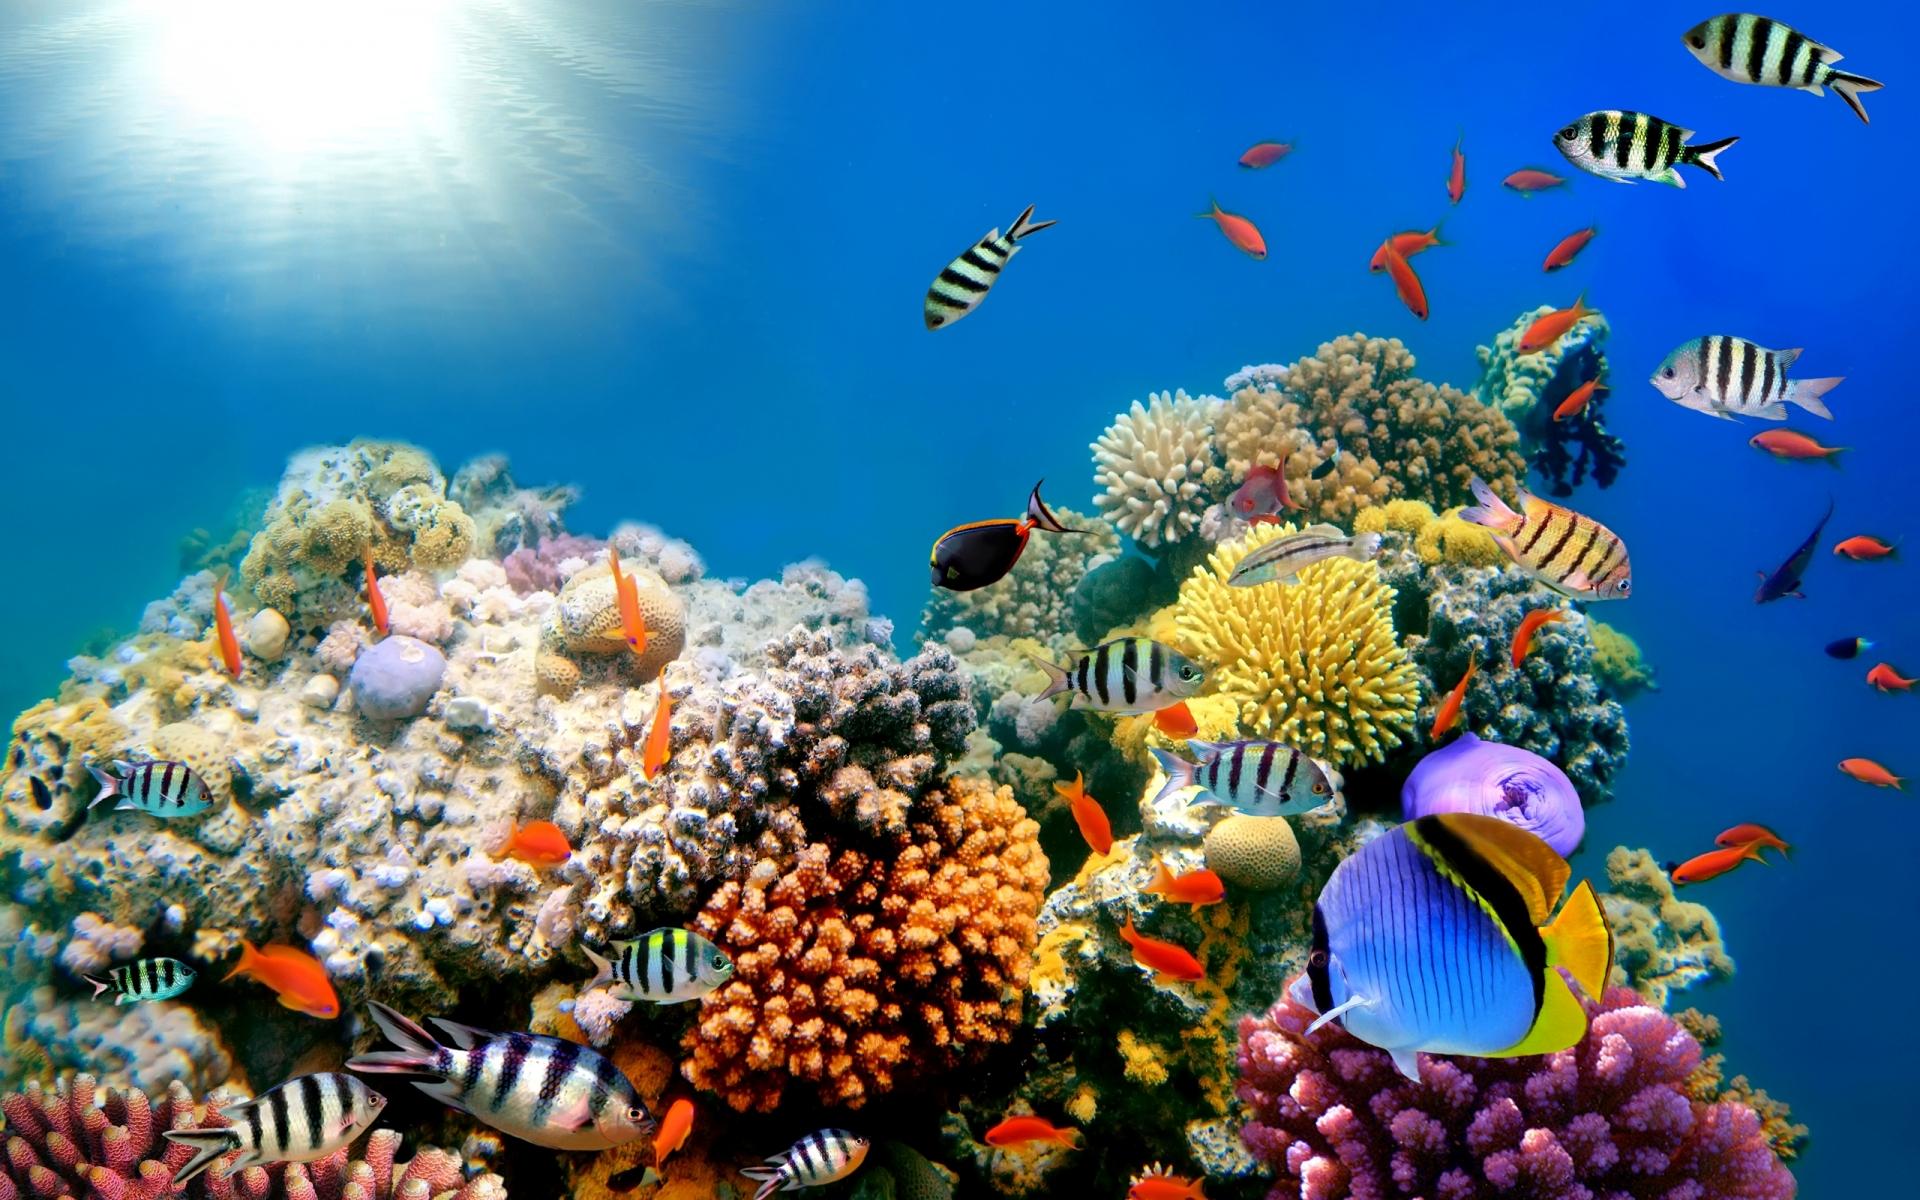 Reef ocean sea underwater wallpaper | 1920x1200 | 31134 | WallpaperUP